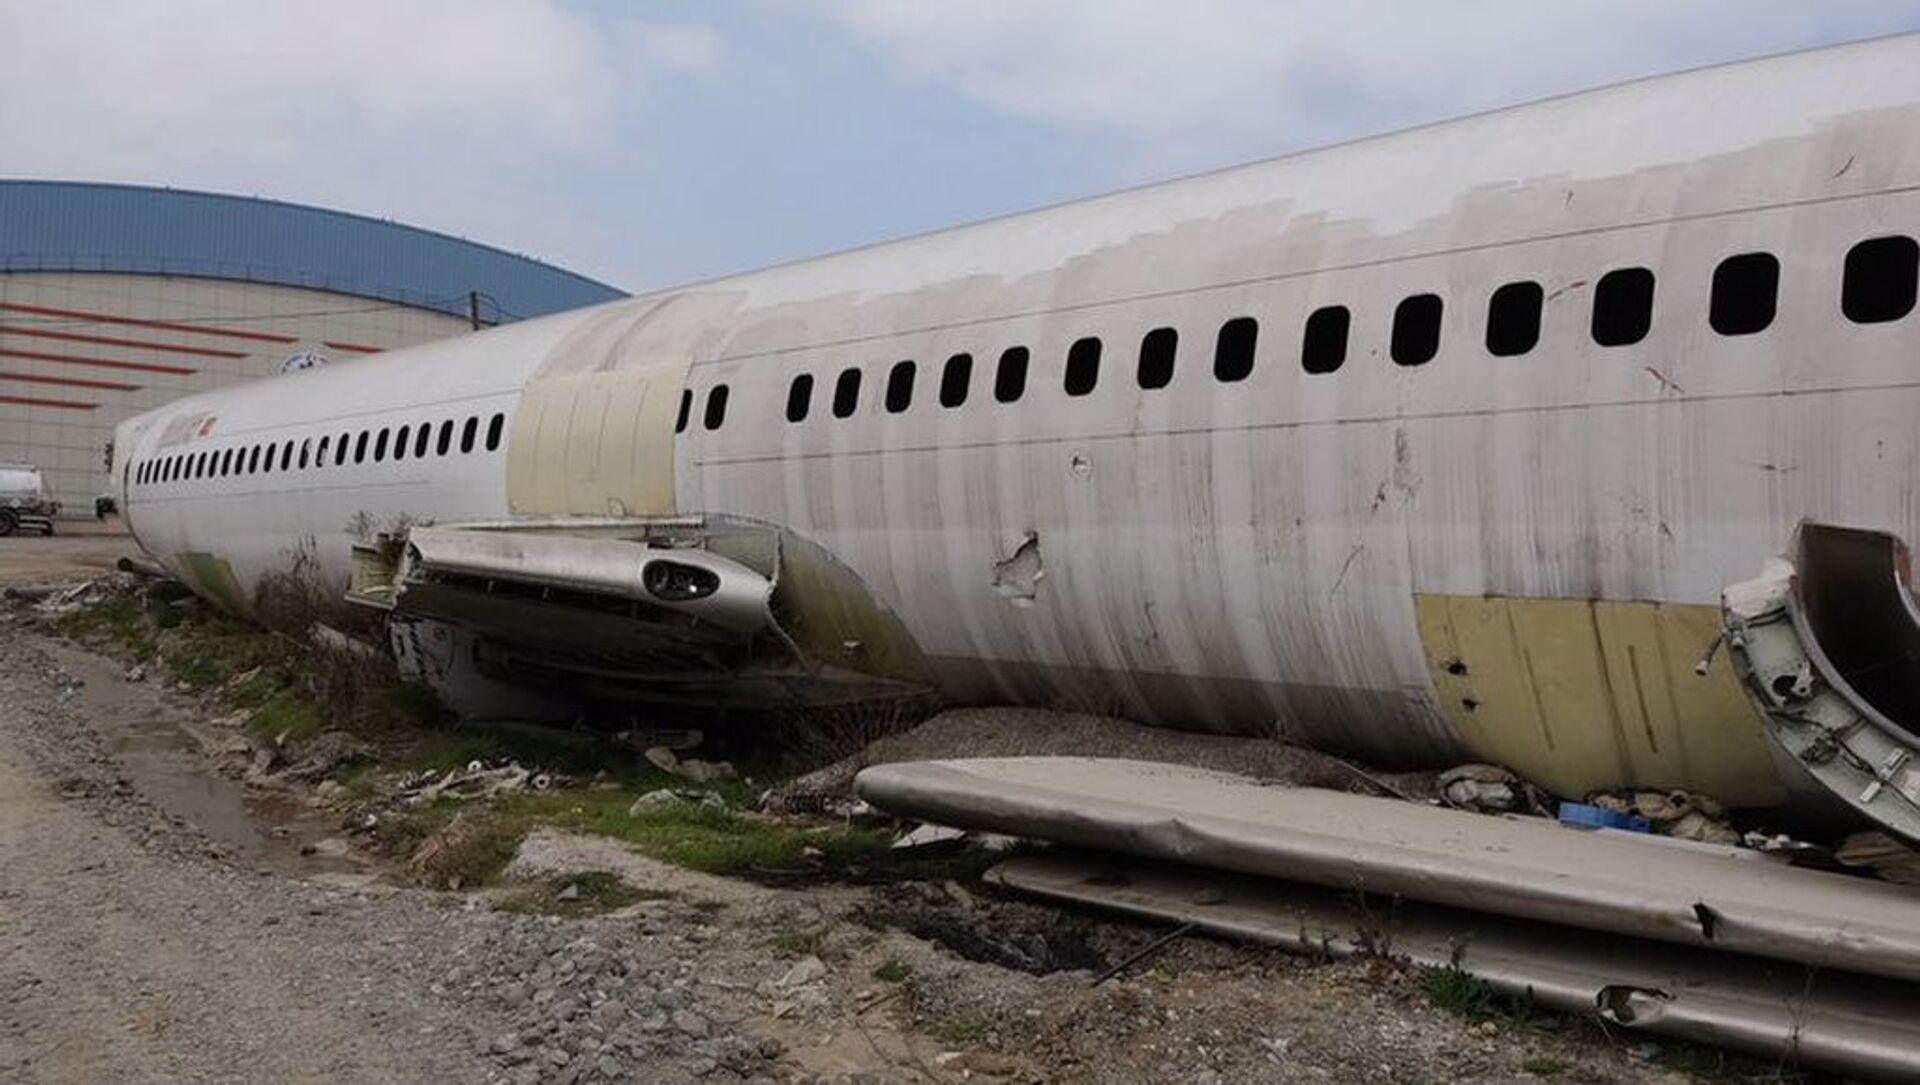 Trabzon'da pistten çıkan uçağın akıbeti belli oldu: Pide imalatı yapılacak - Sputnik Türkiye, 1920, 31.03.2021